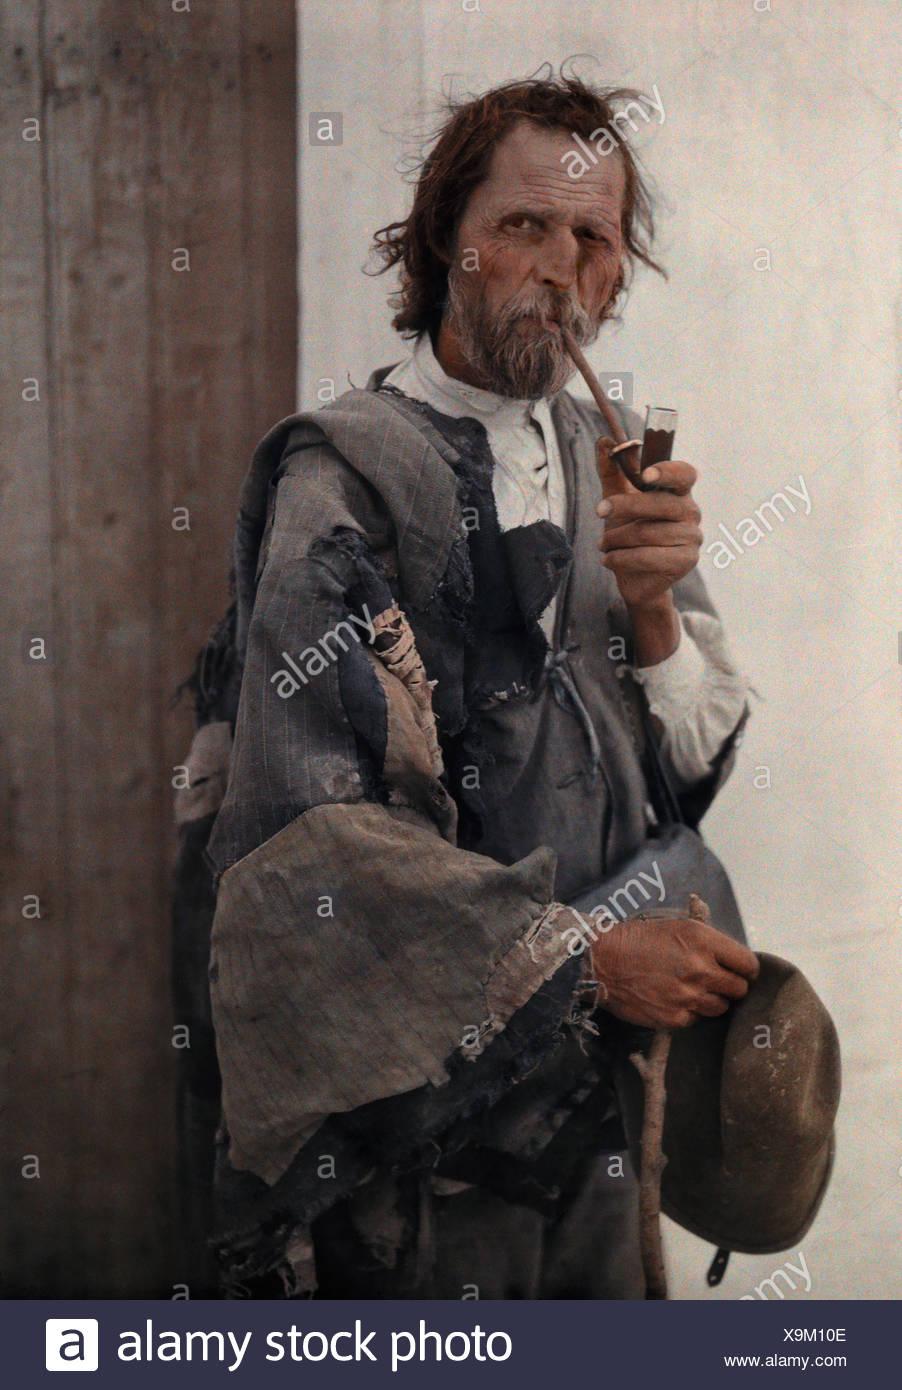 Télécharger cette image : Gypsy fumant une pipe - D88GCA depuis la bibliothèque dAlamy parmi des millions de photos, illustrations et vecteurs en haute.